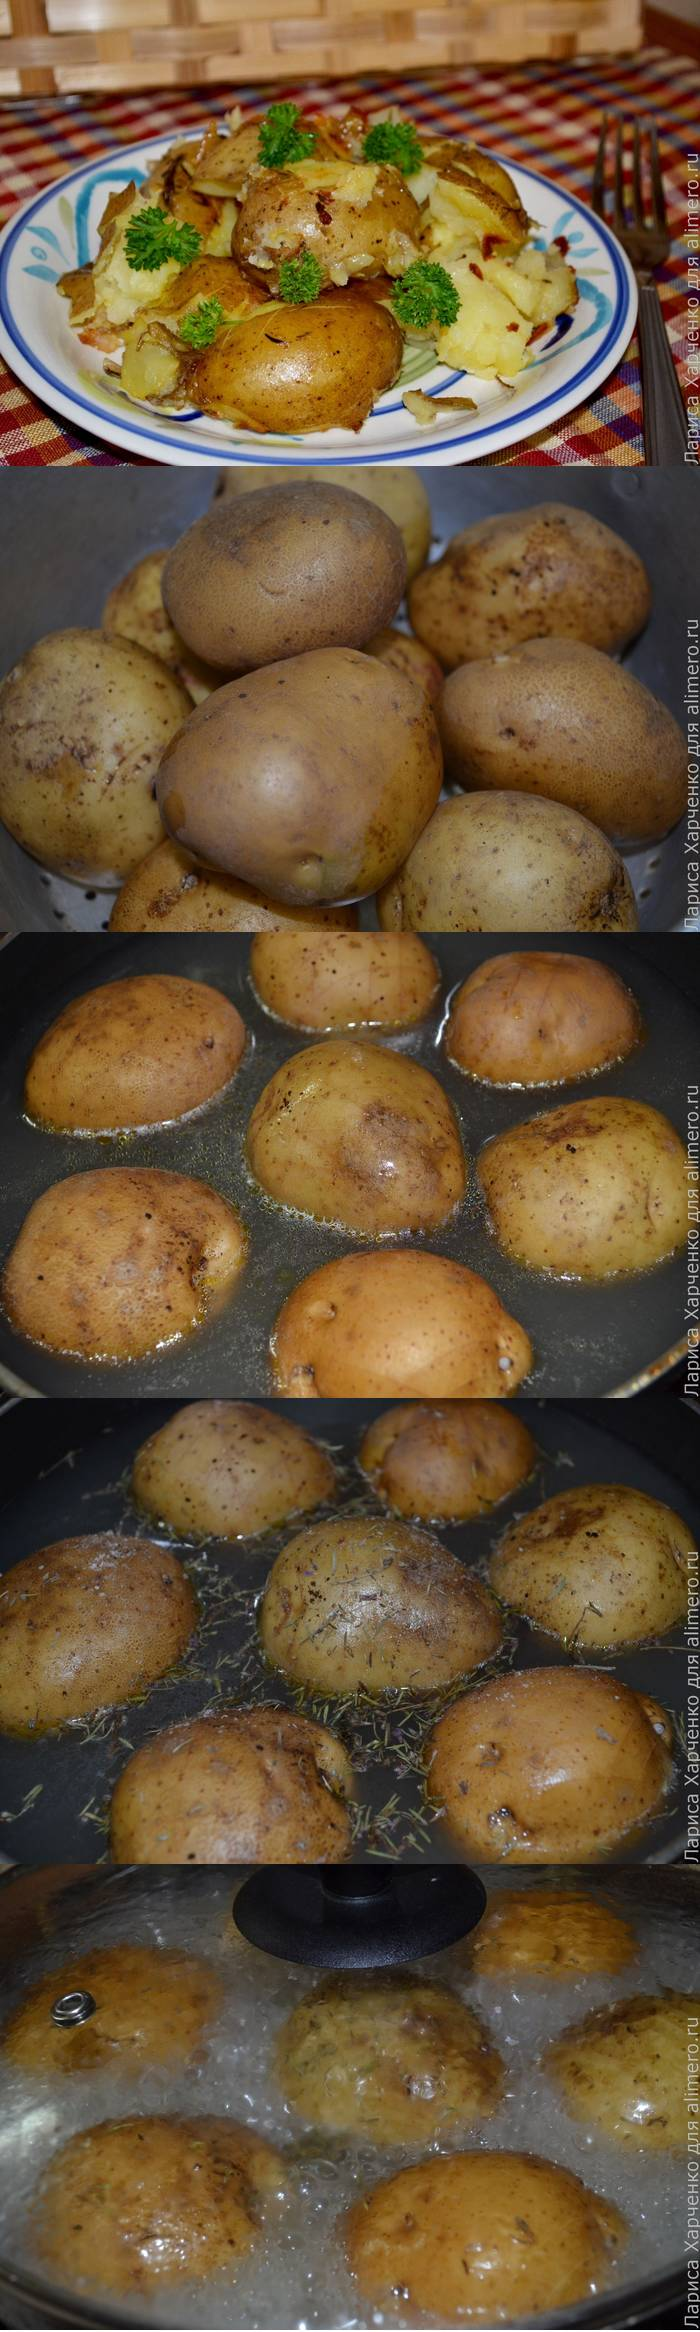 Очень вкусный картофель